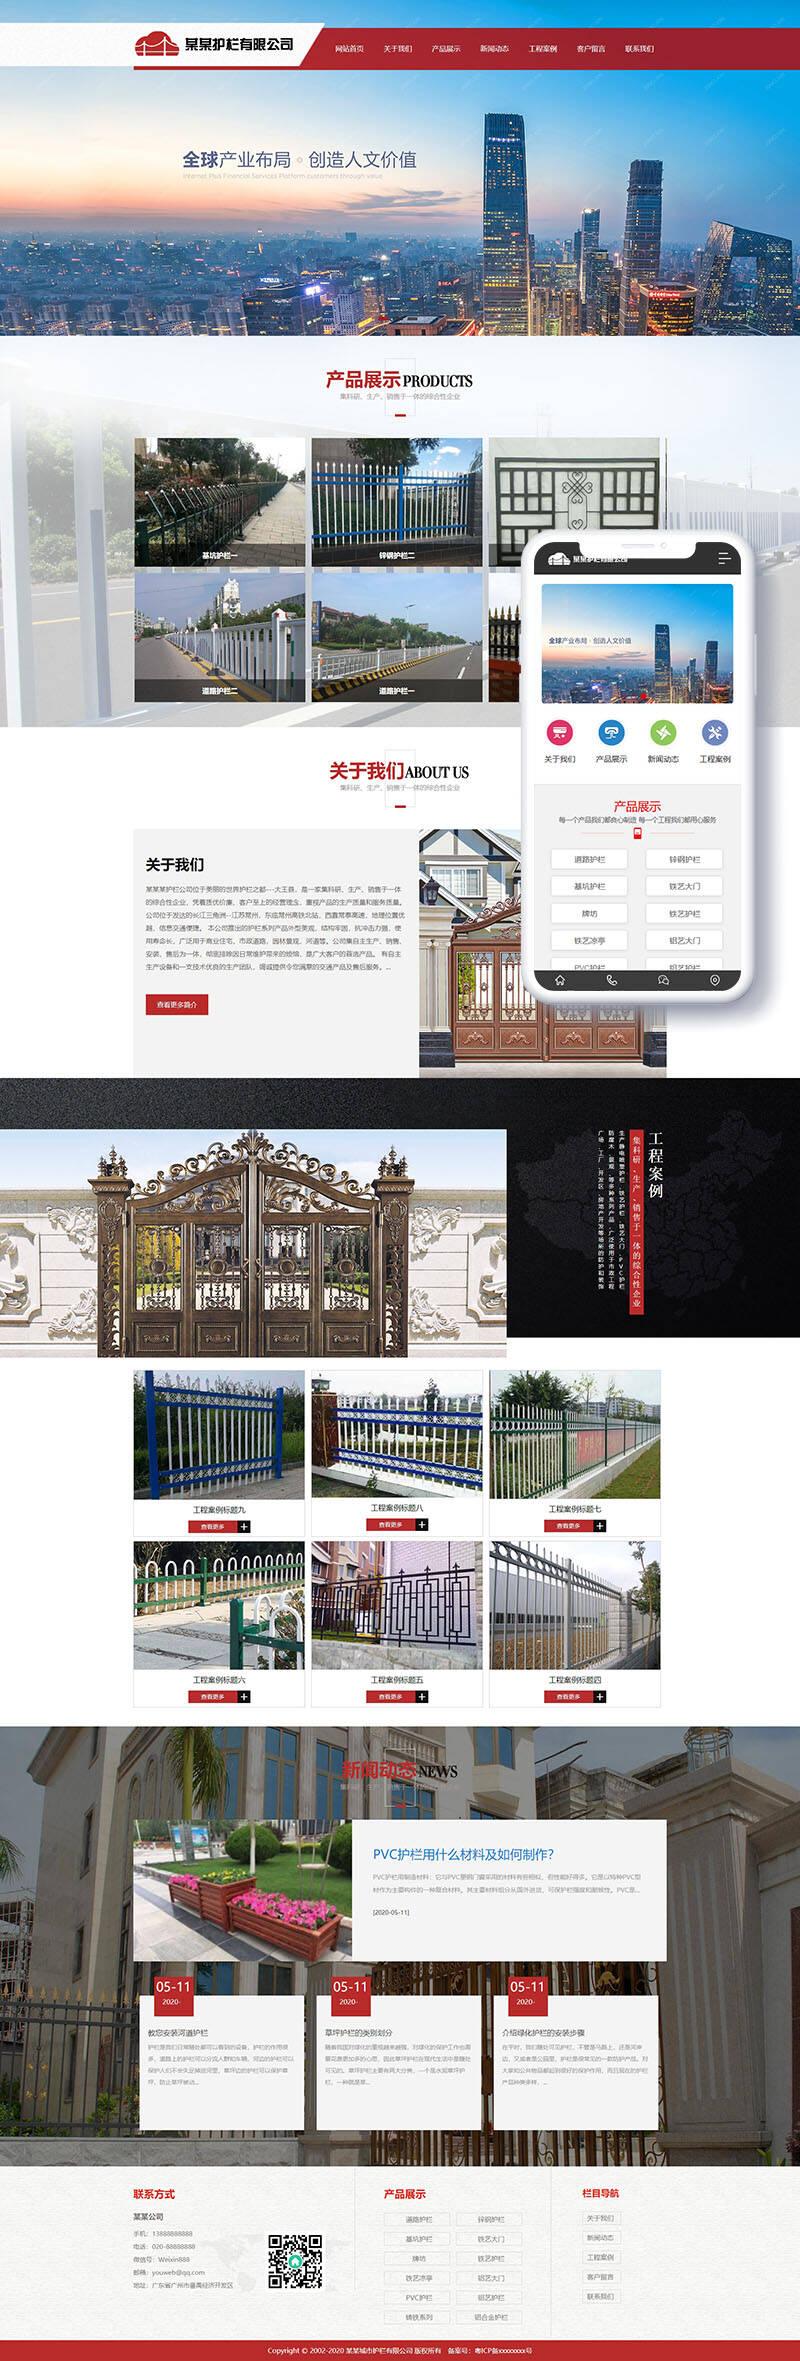 织梦dedecms模板道路护栏交通设施类网站织梦模板模板源码PC+wap手机端利于SEO优化